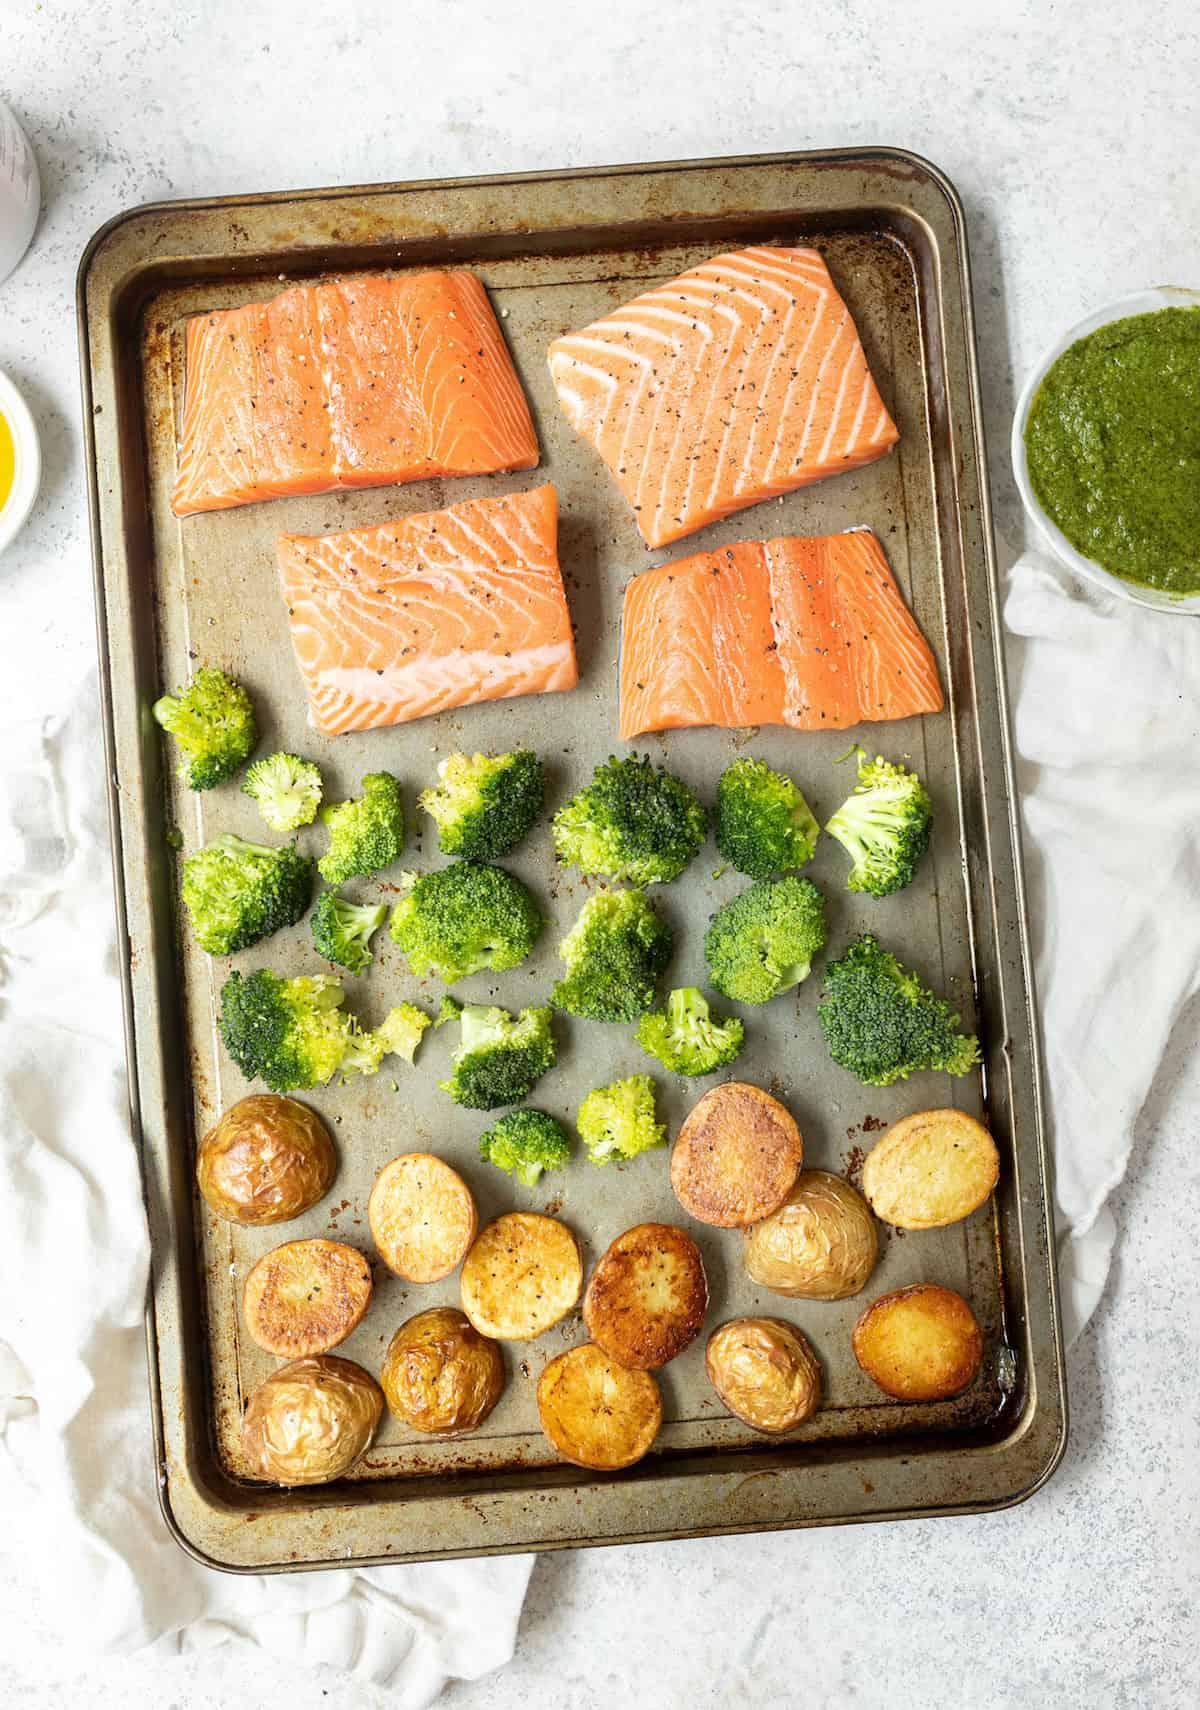 sheet pan with salmon, potatoes and broccoli